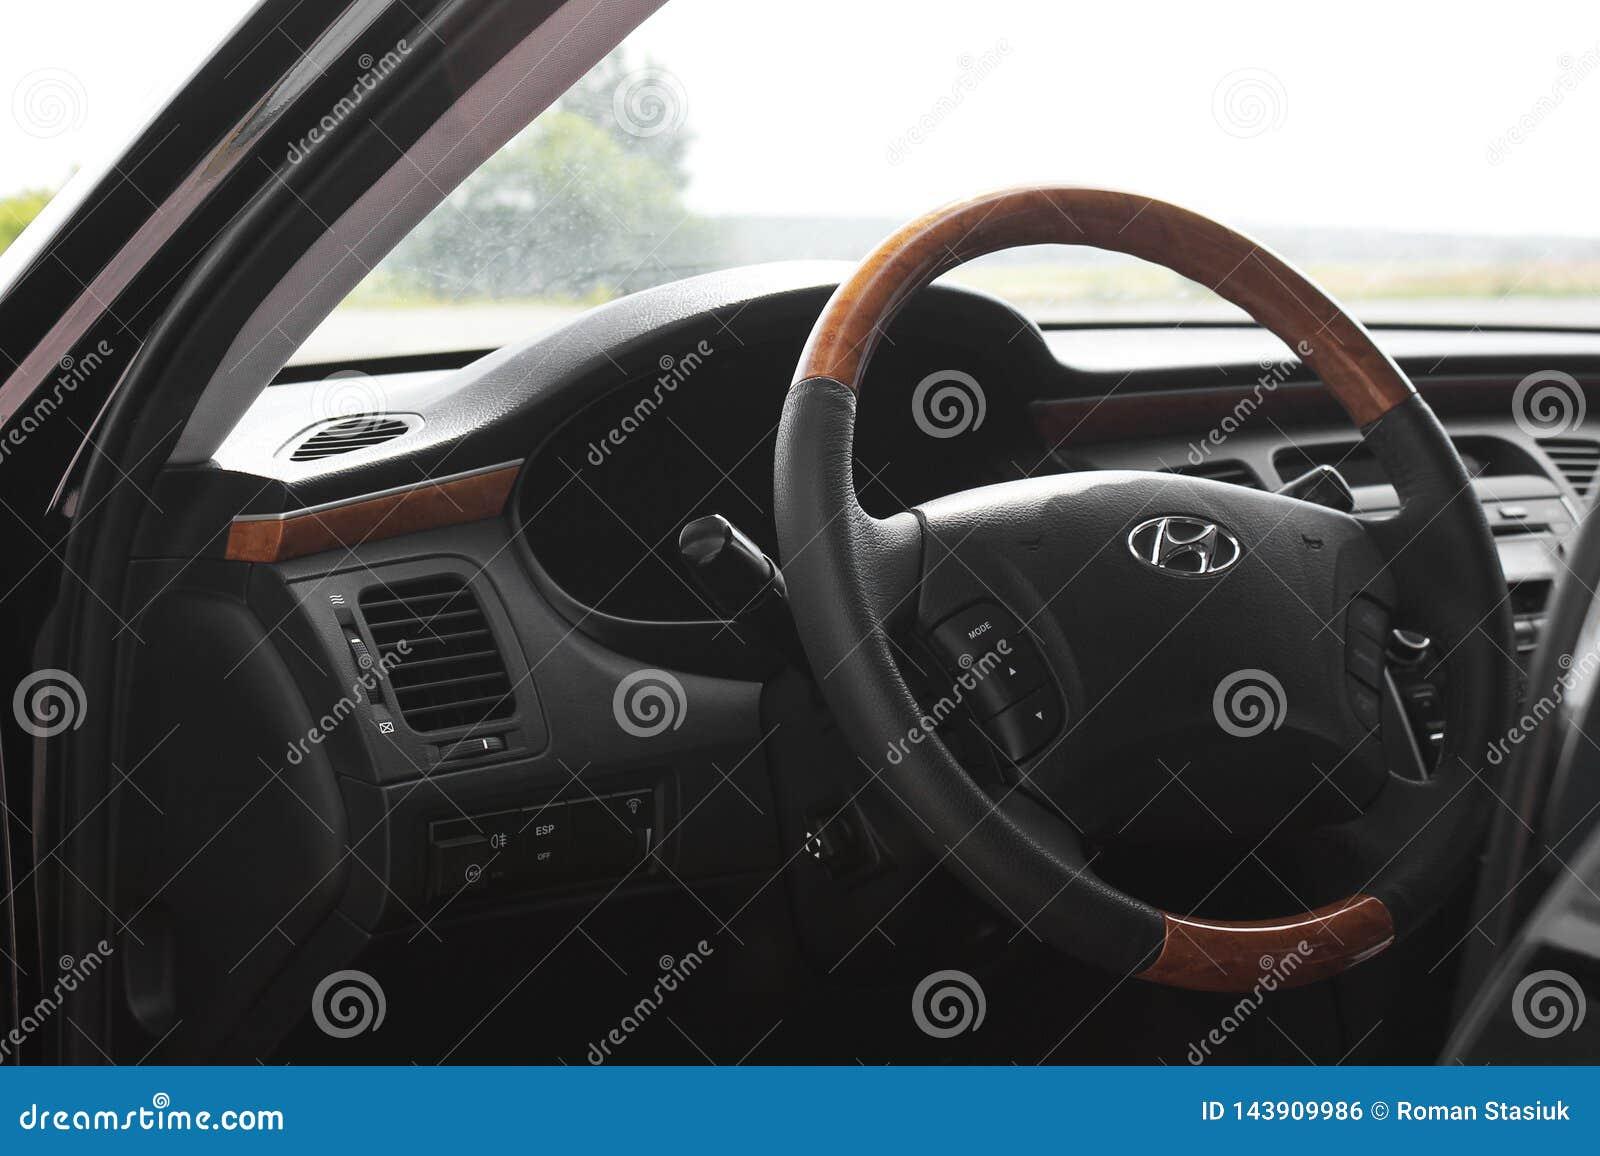 Kiev, de Oekra?ne - Augustus 6, 2018: Hyundai-Grootsheid Mening van het binnenland van een moderne auto die het dashboard tonen